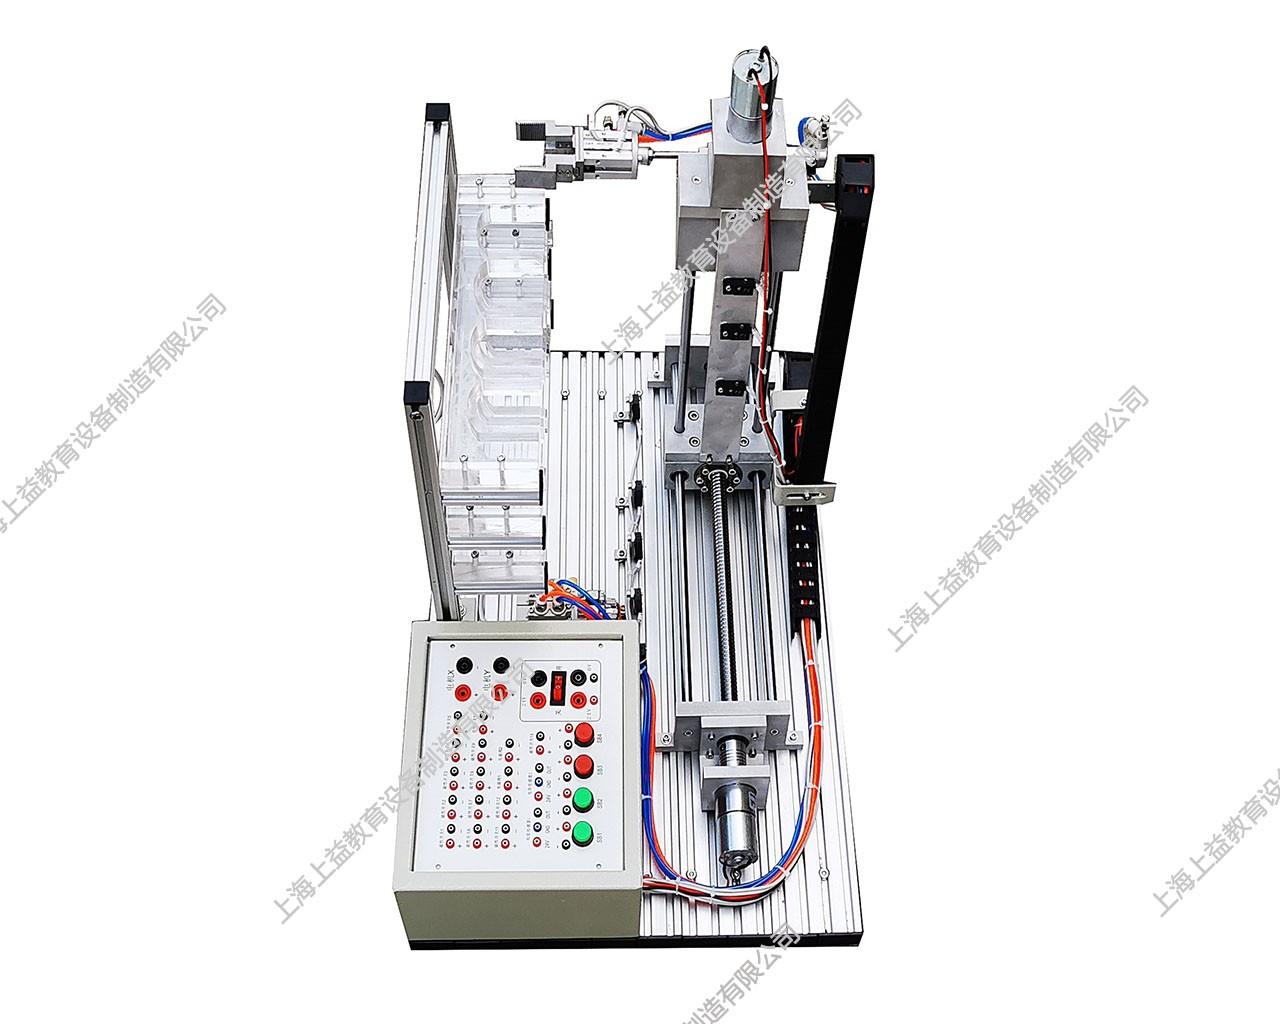 SYSMX-10B 立体仓库实物教学实验装置